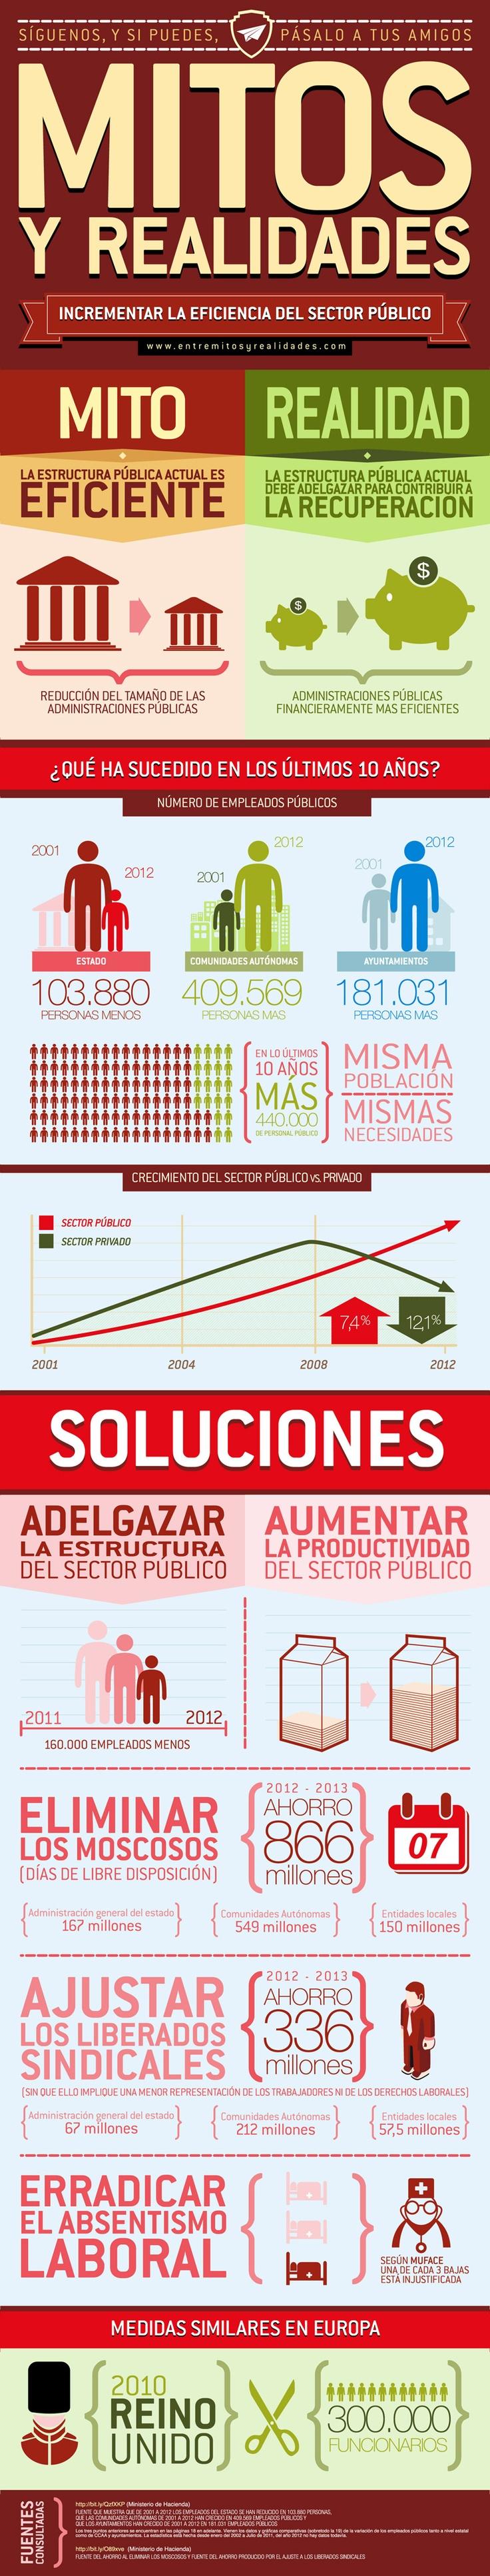 Si eres de los que piensa que el sector público debería ser más eficiente, esta infografía te puede interesar.